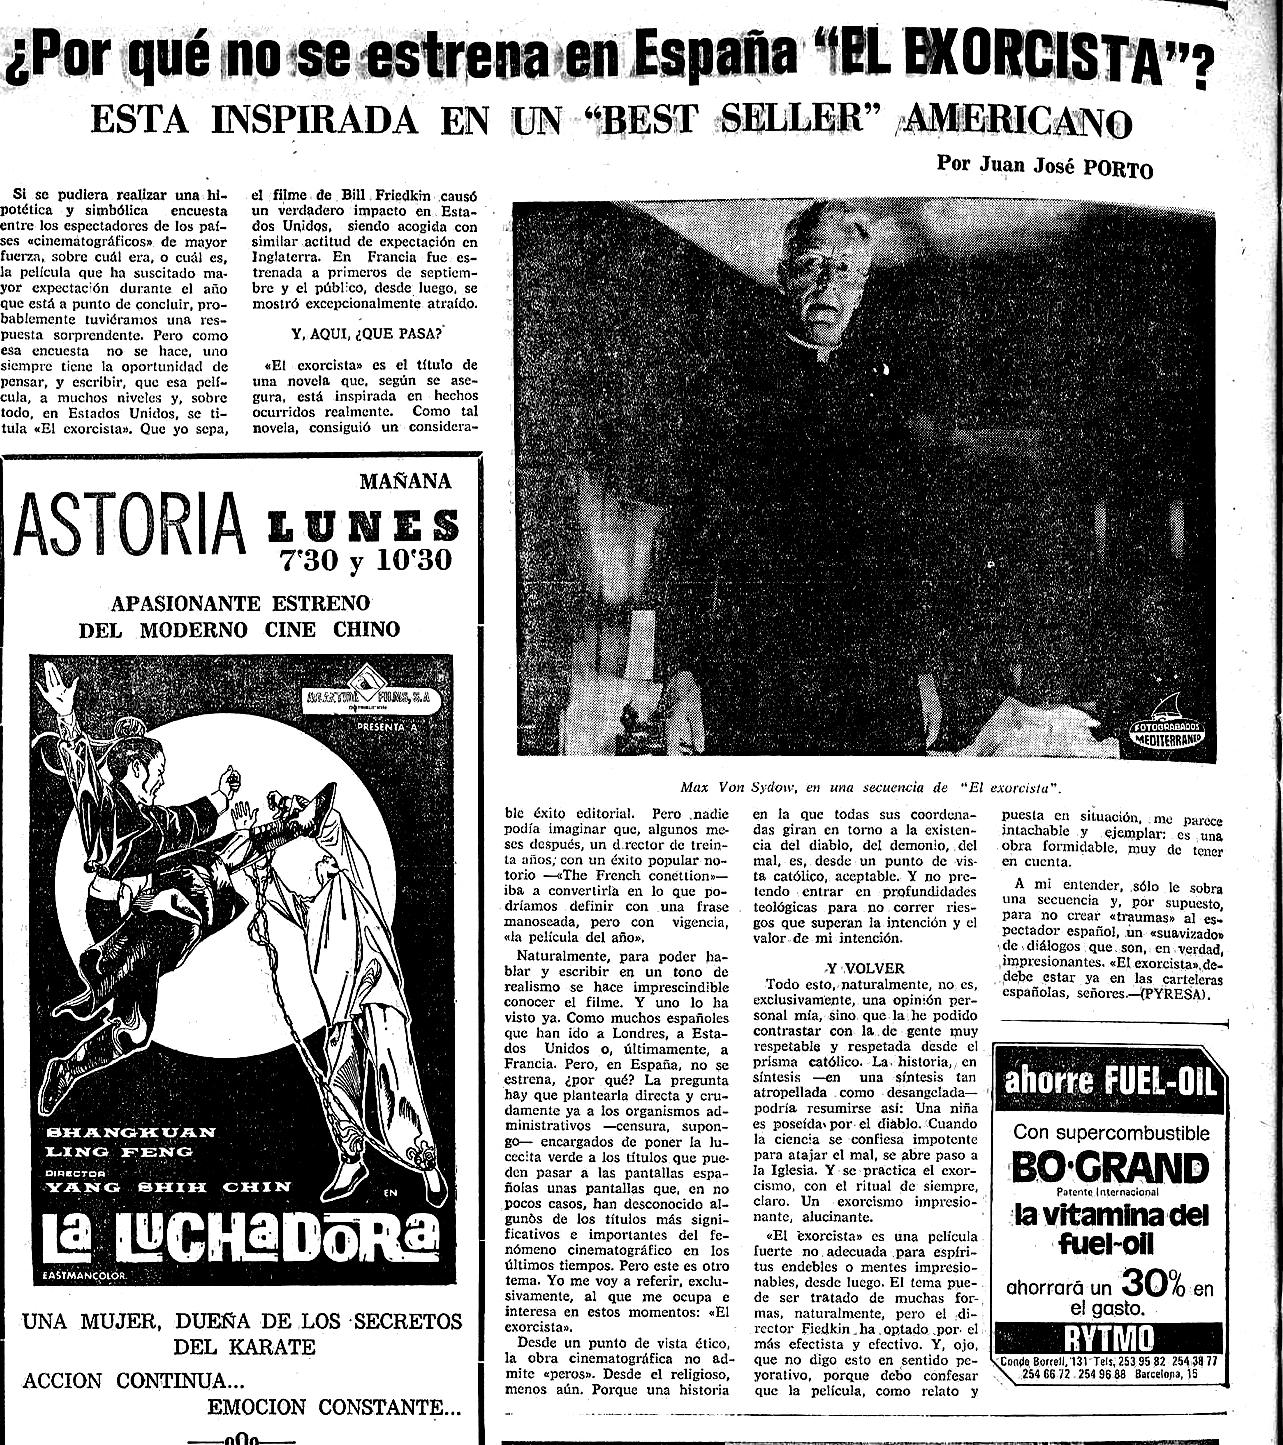 El Exorcista  y la prohibición (  Mediterráneo , diciembre de 1974)